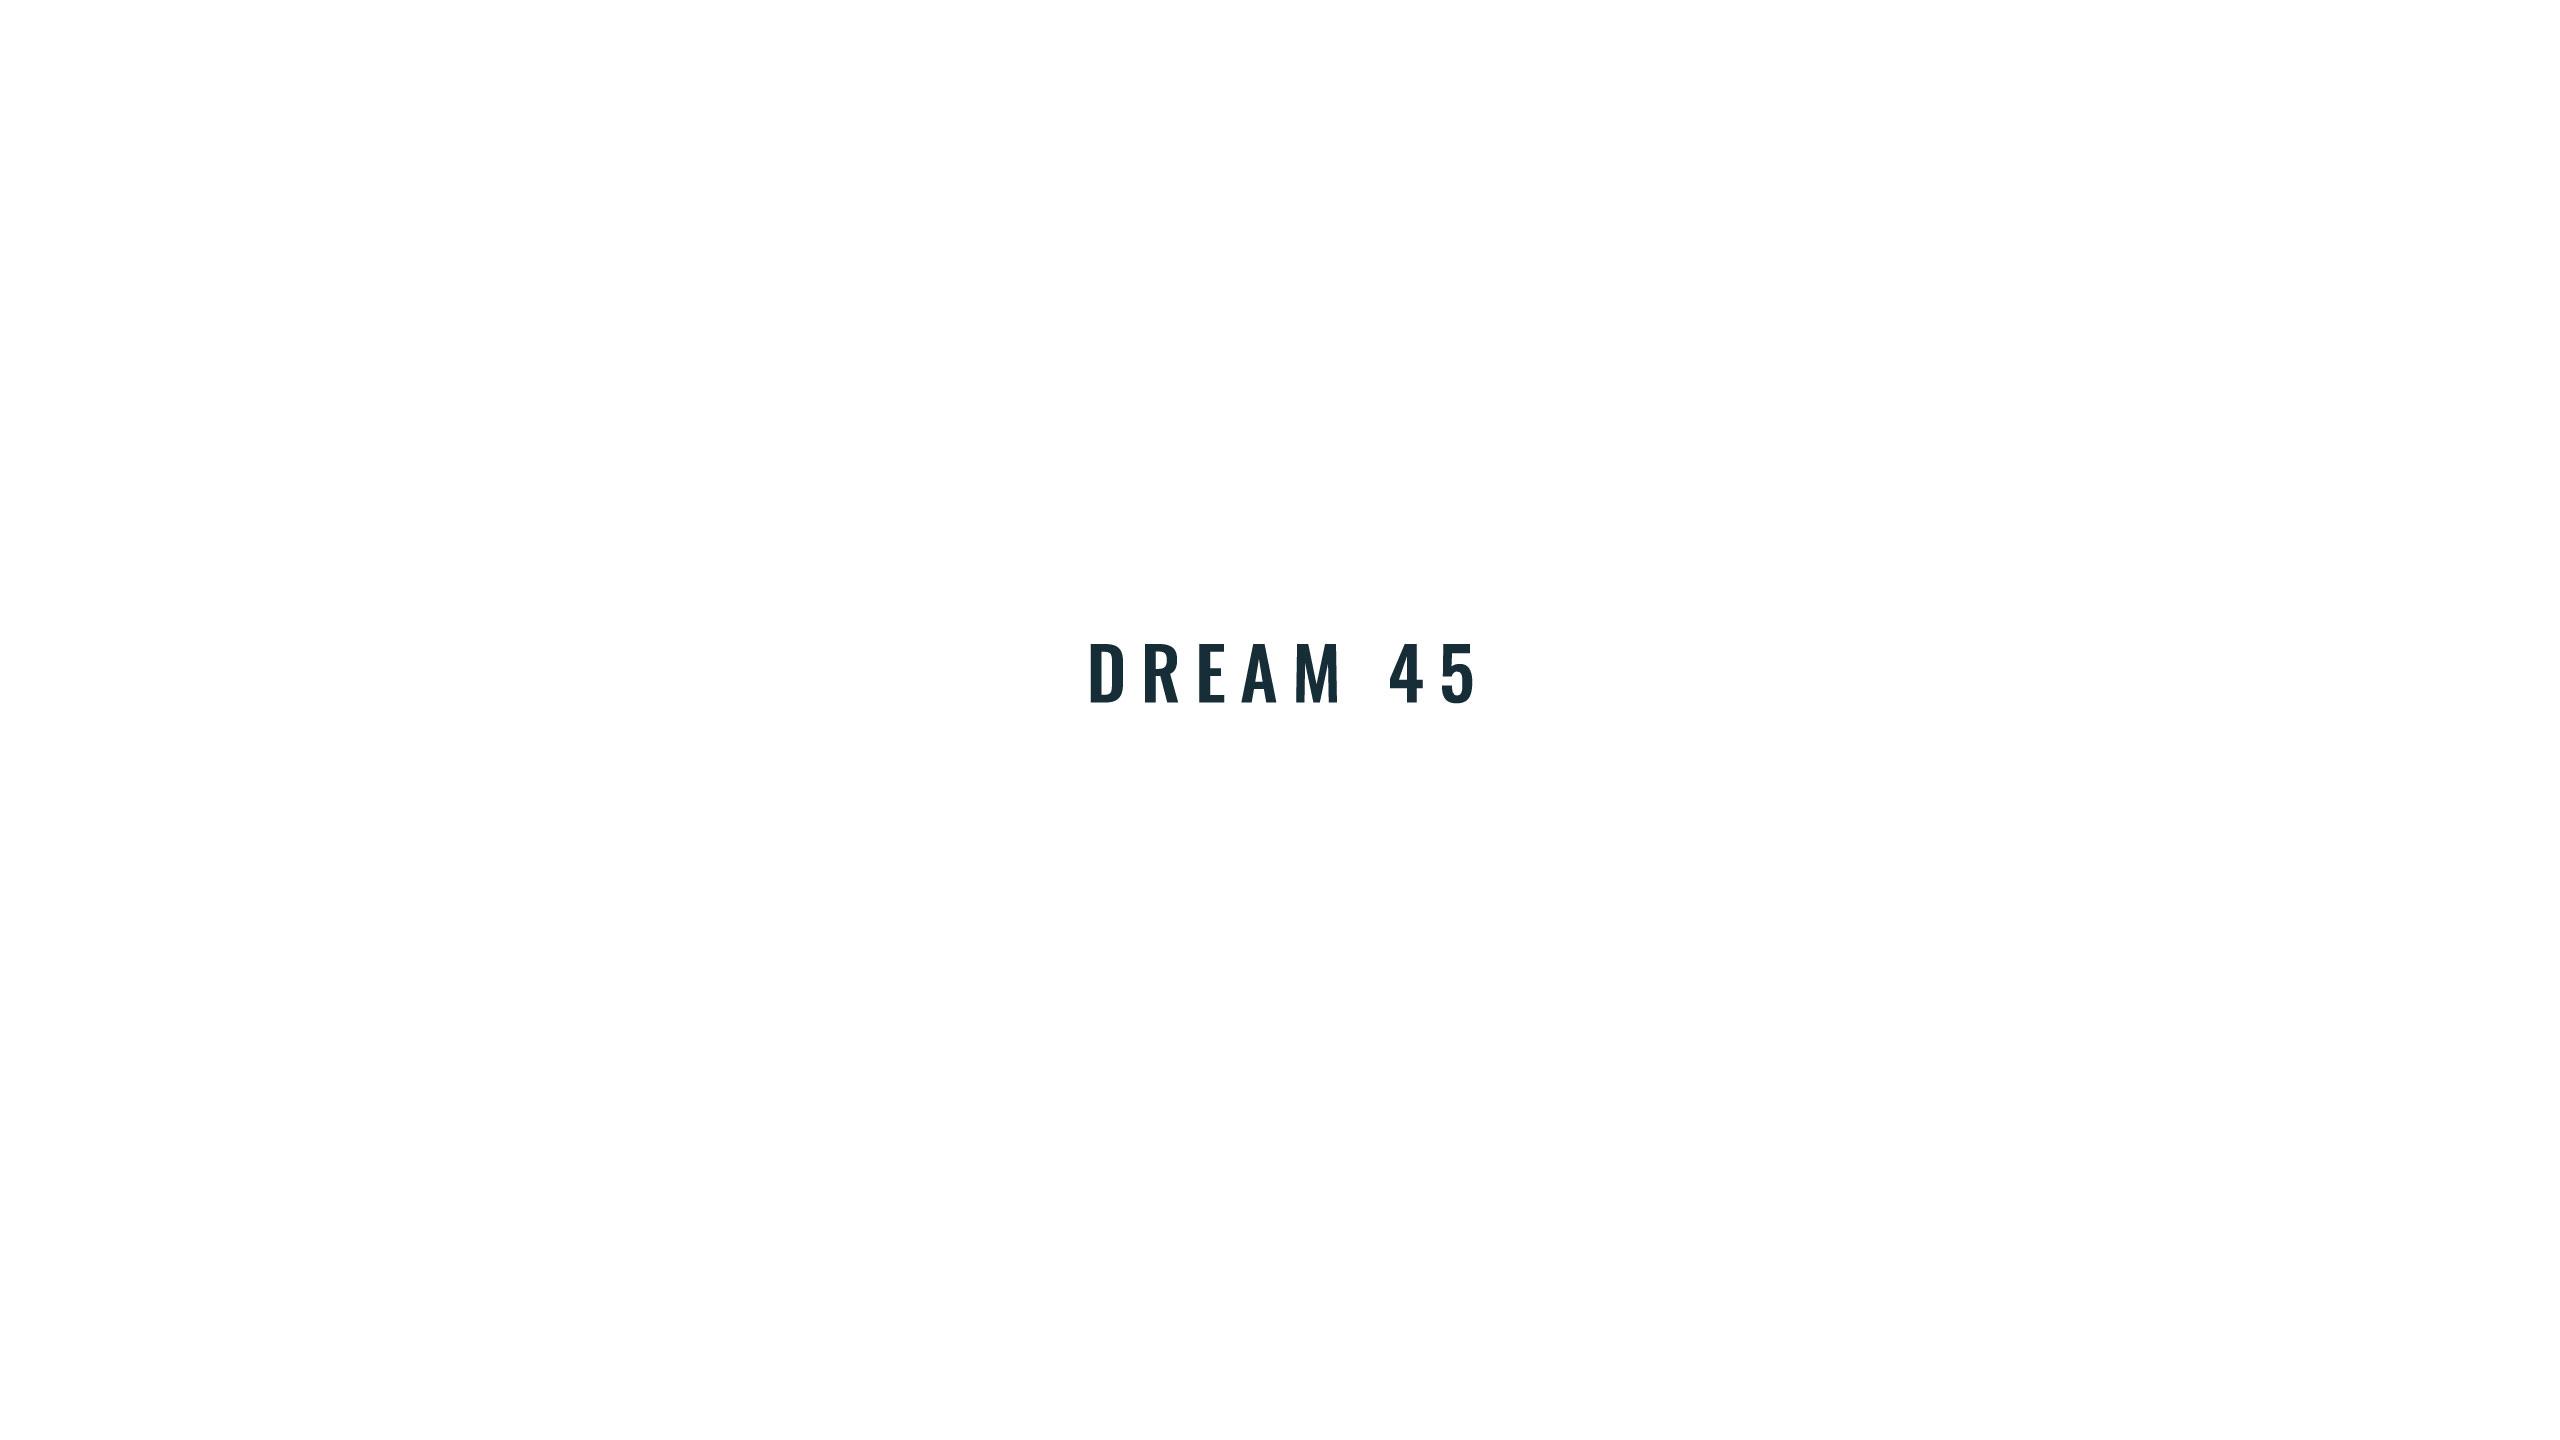 1a_Text_DREAN_45